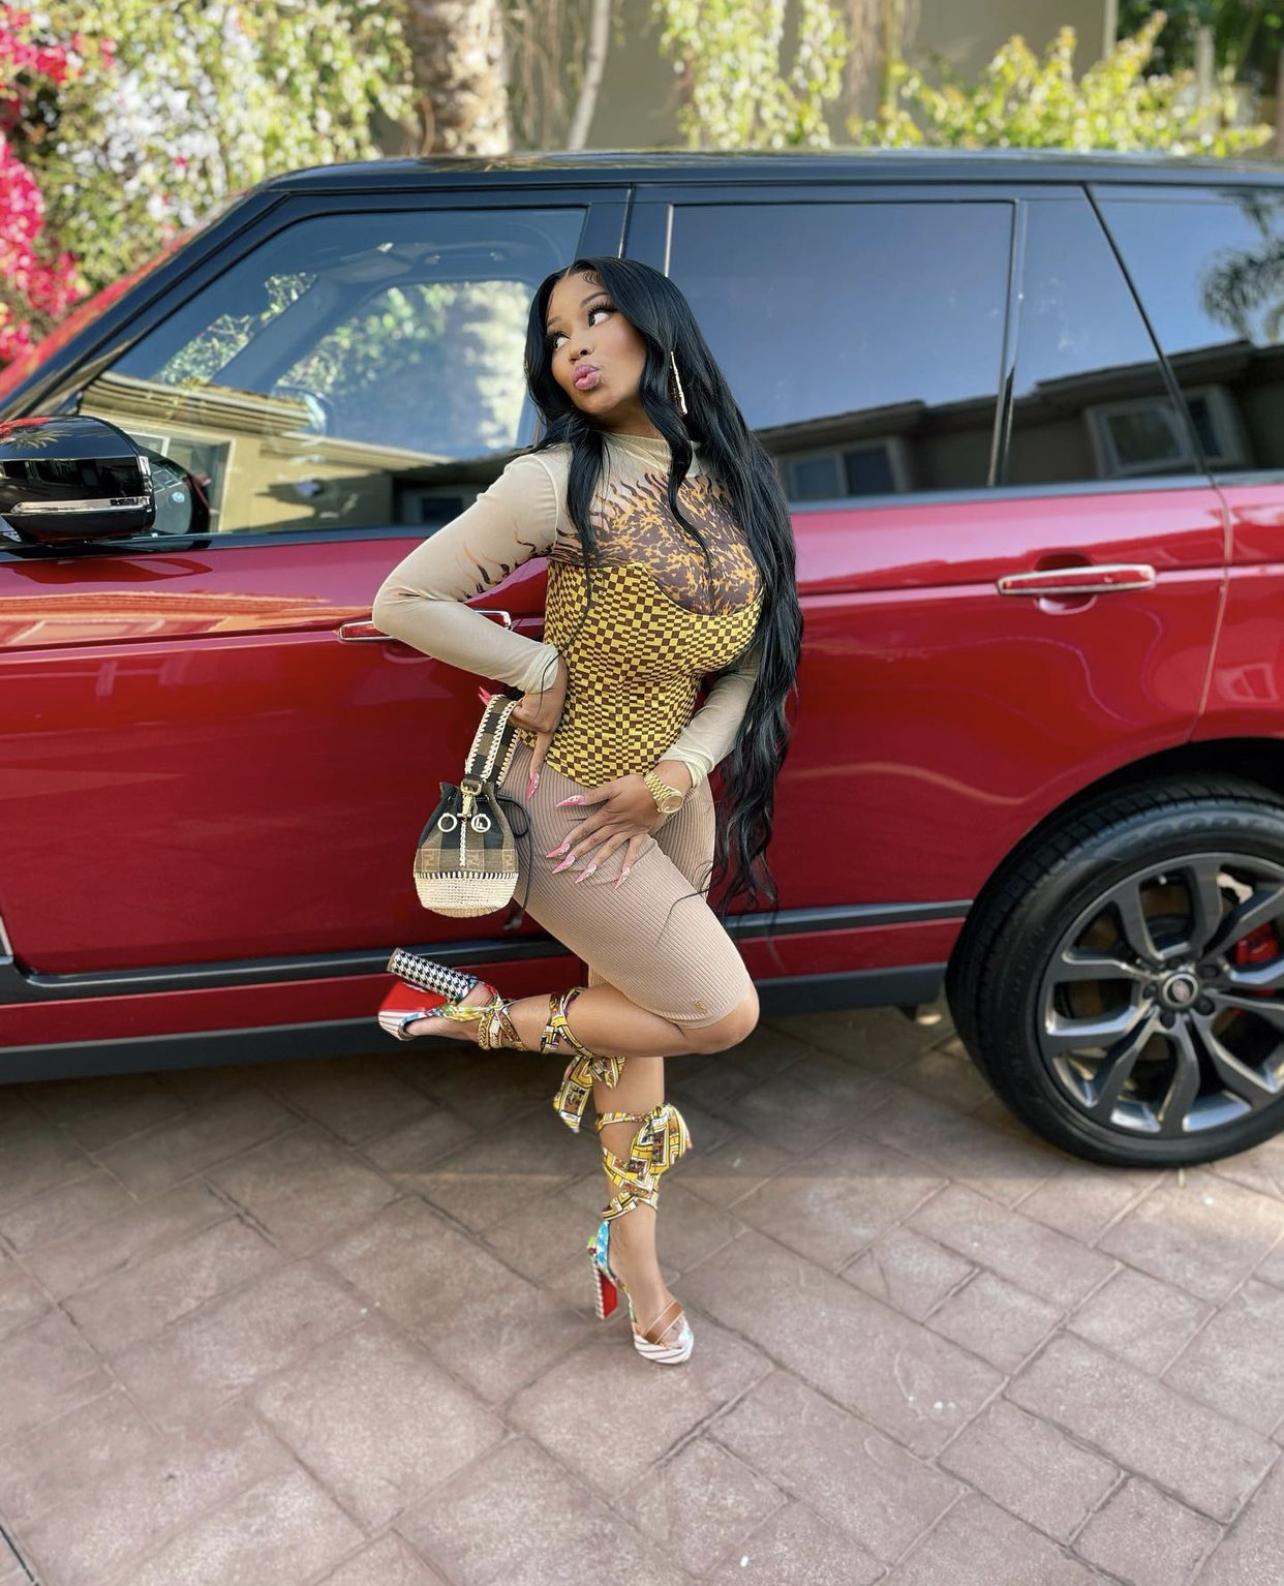 Dr. Fauci invalidates Nicki Minaj's claim